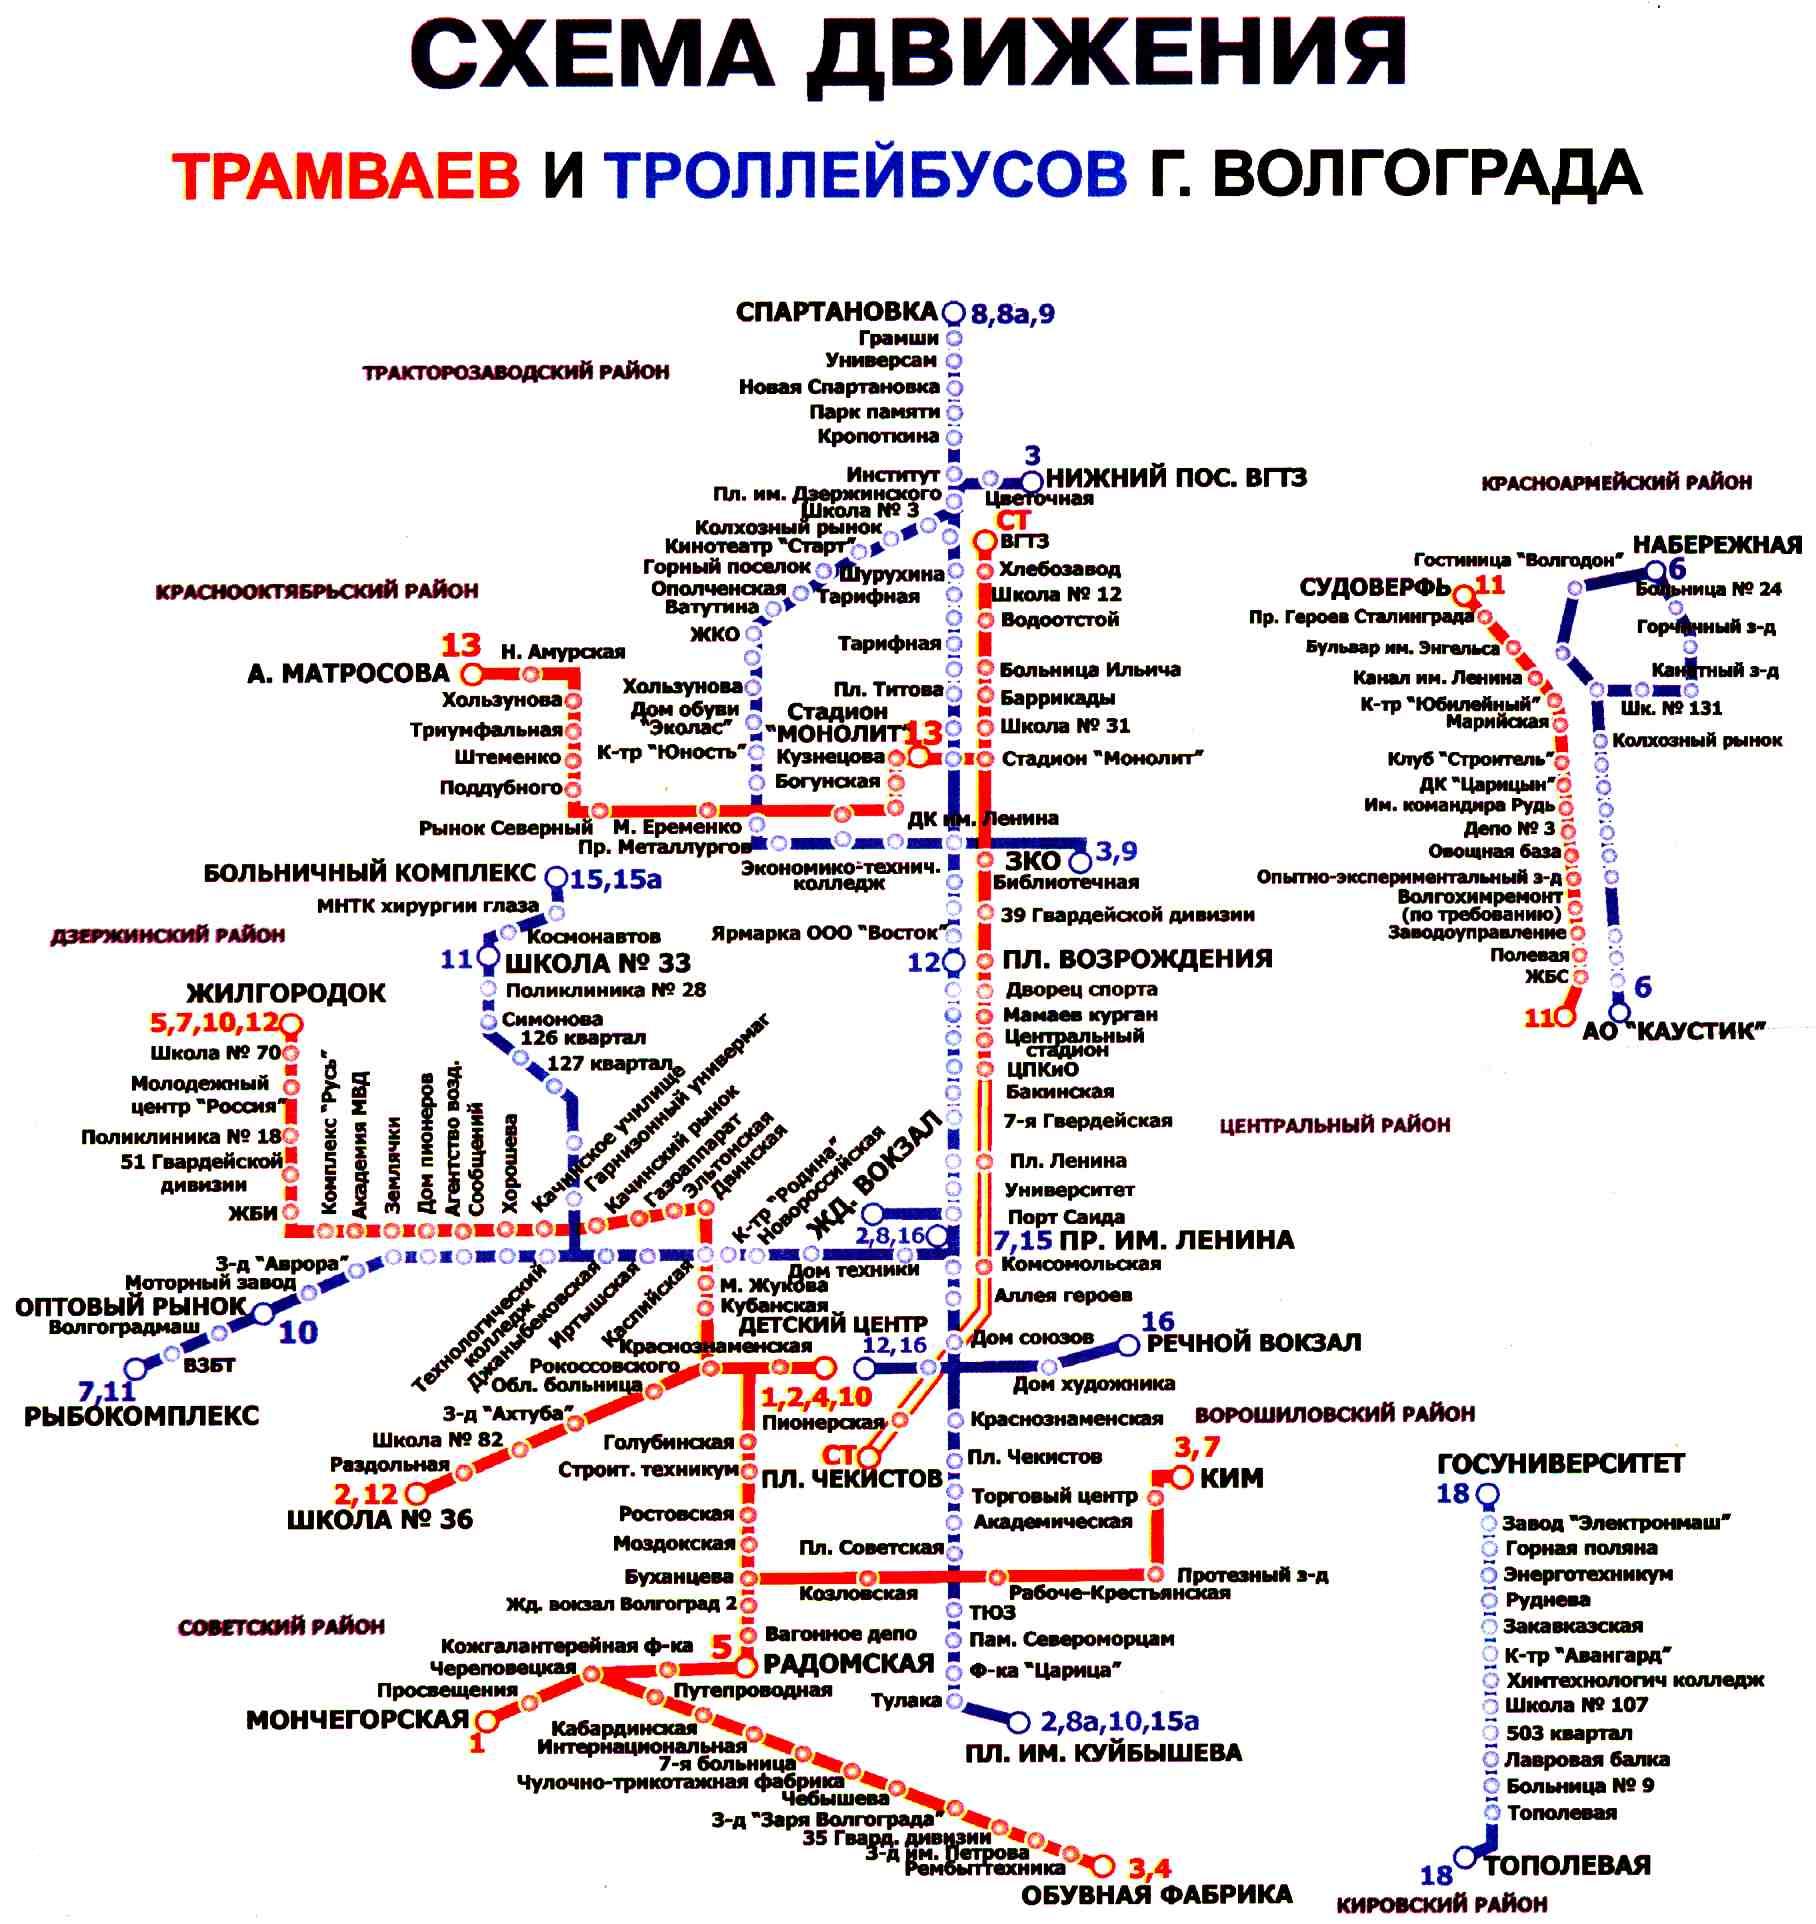 Маршруты автобуса волгограда схема движения